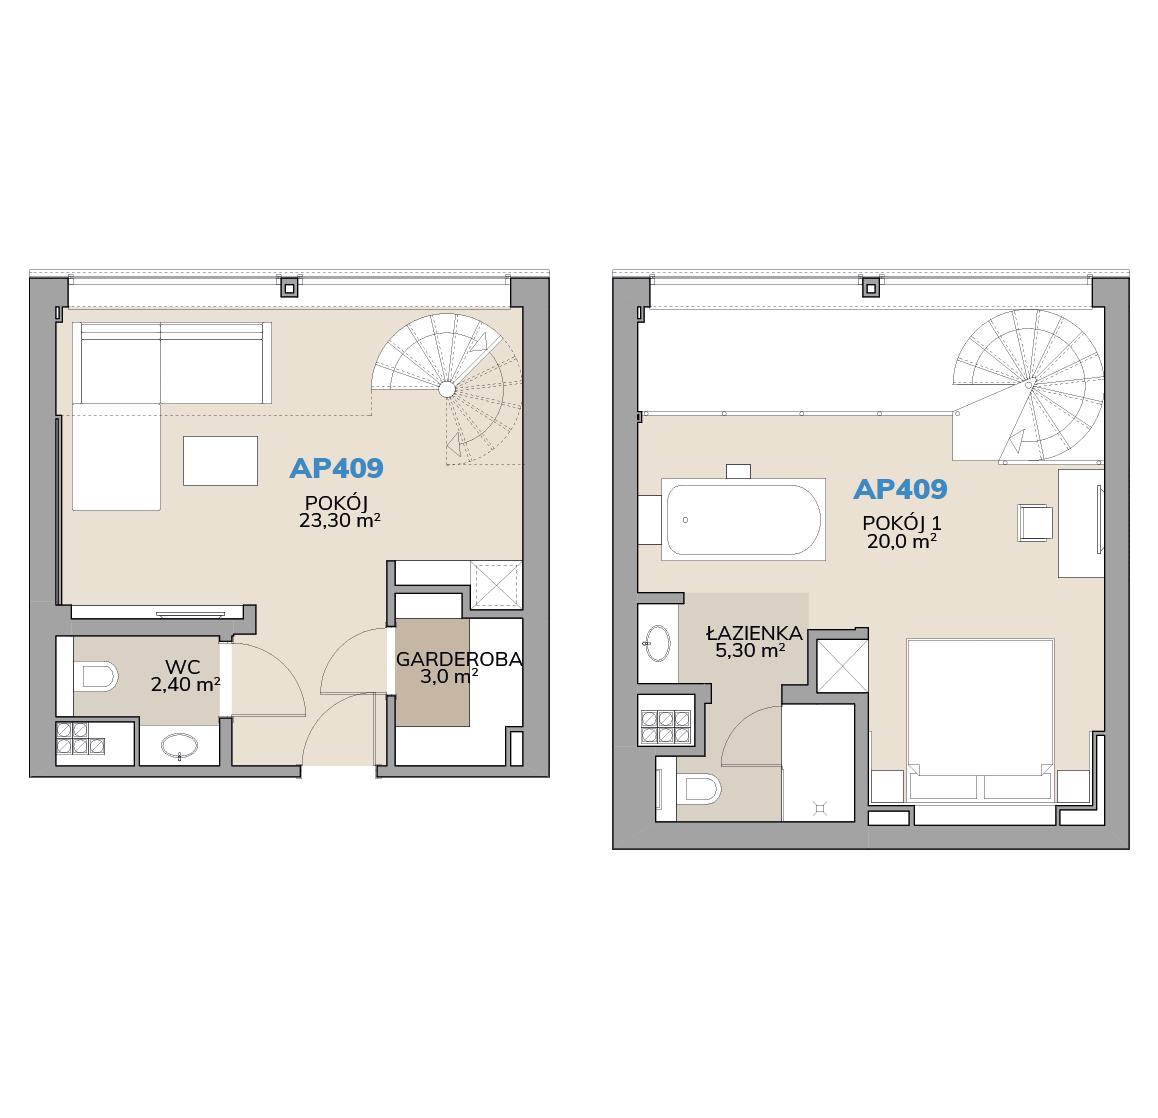 Apartament AP409